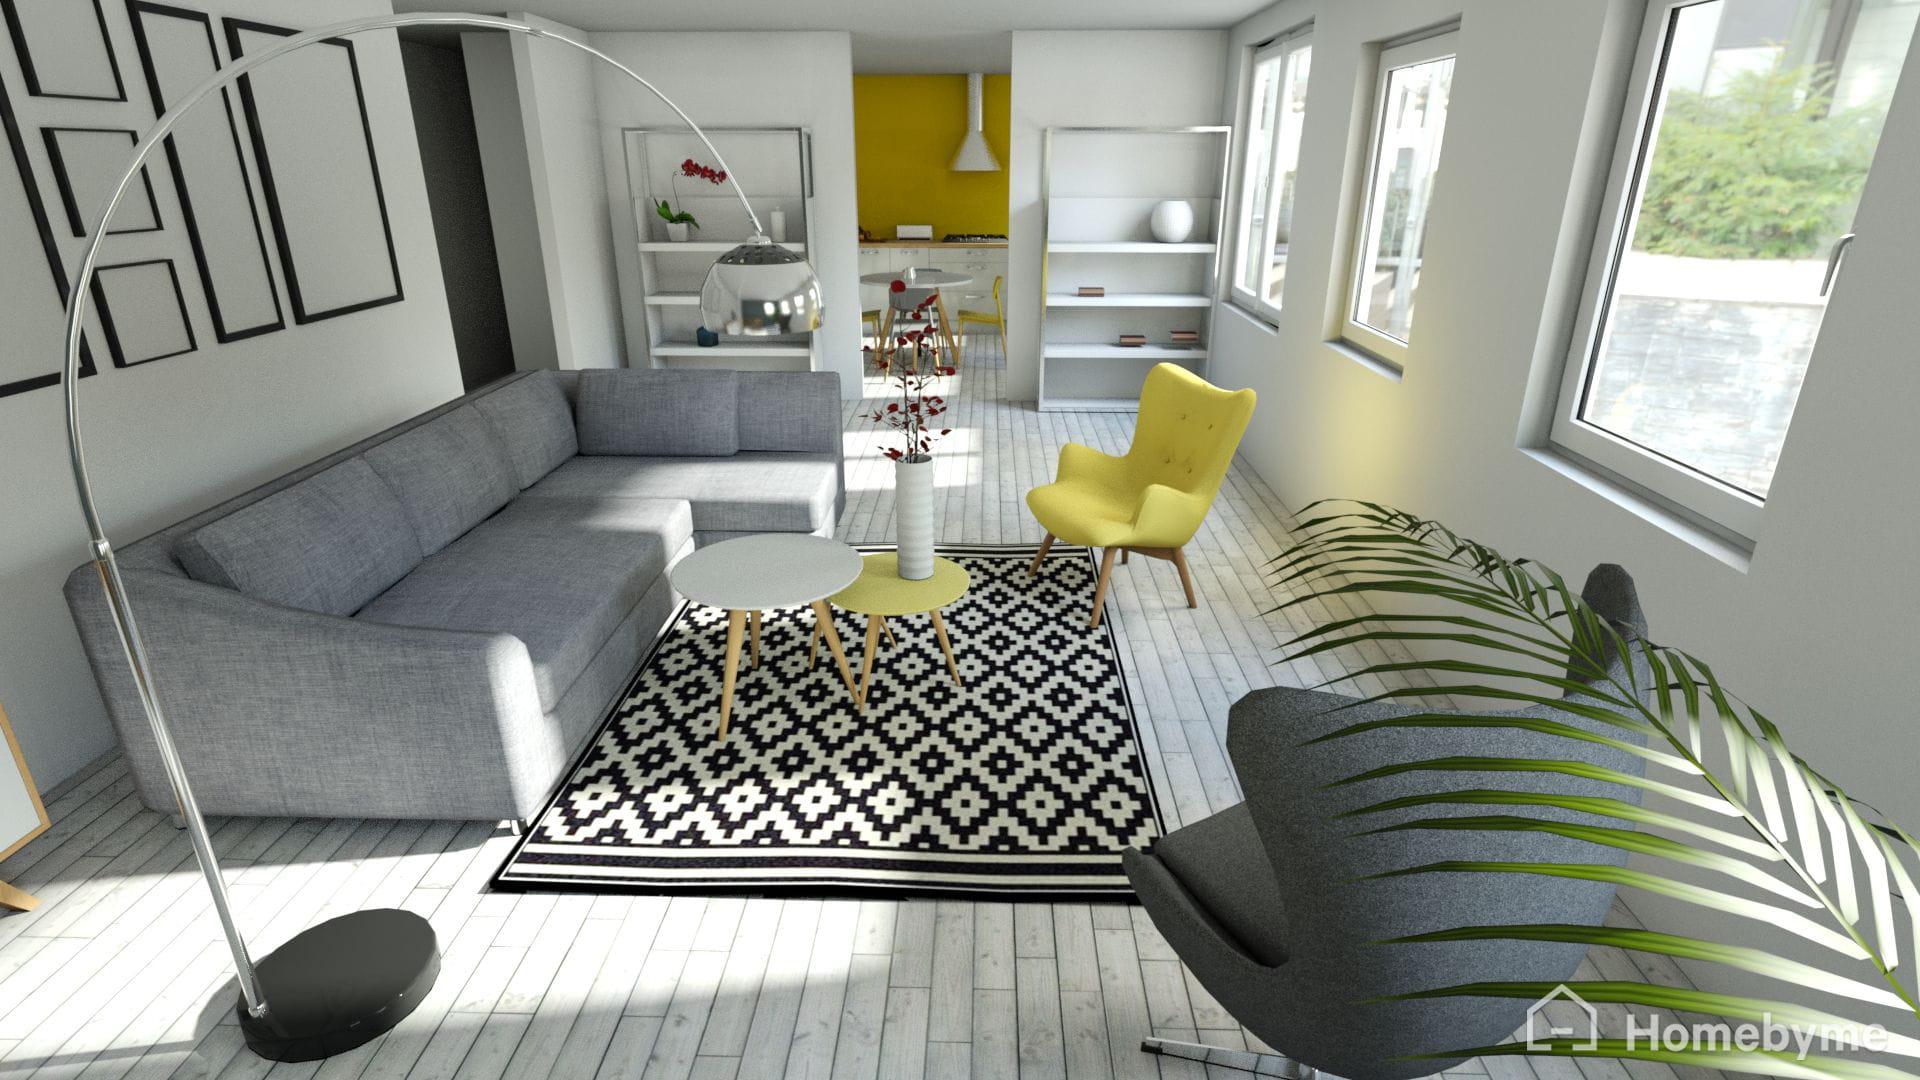 homebyme le site qui t l porte les acheteurs dans leur futur logement. Black Bedroom Furniture Sets. Home Design Ideas